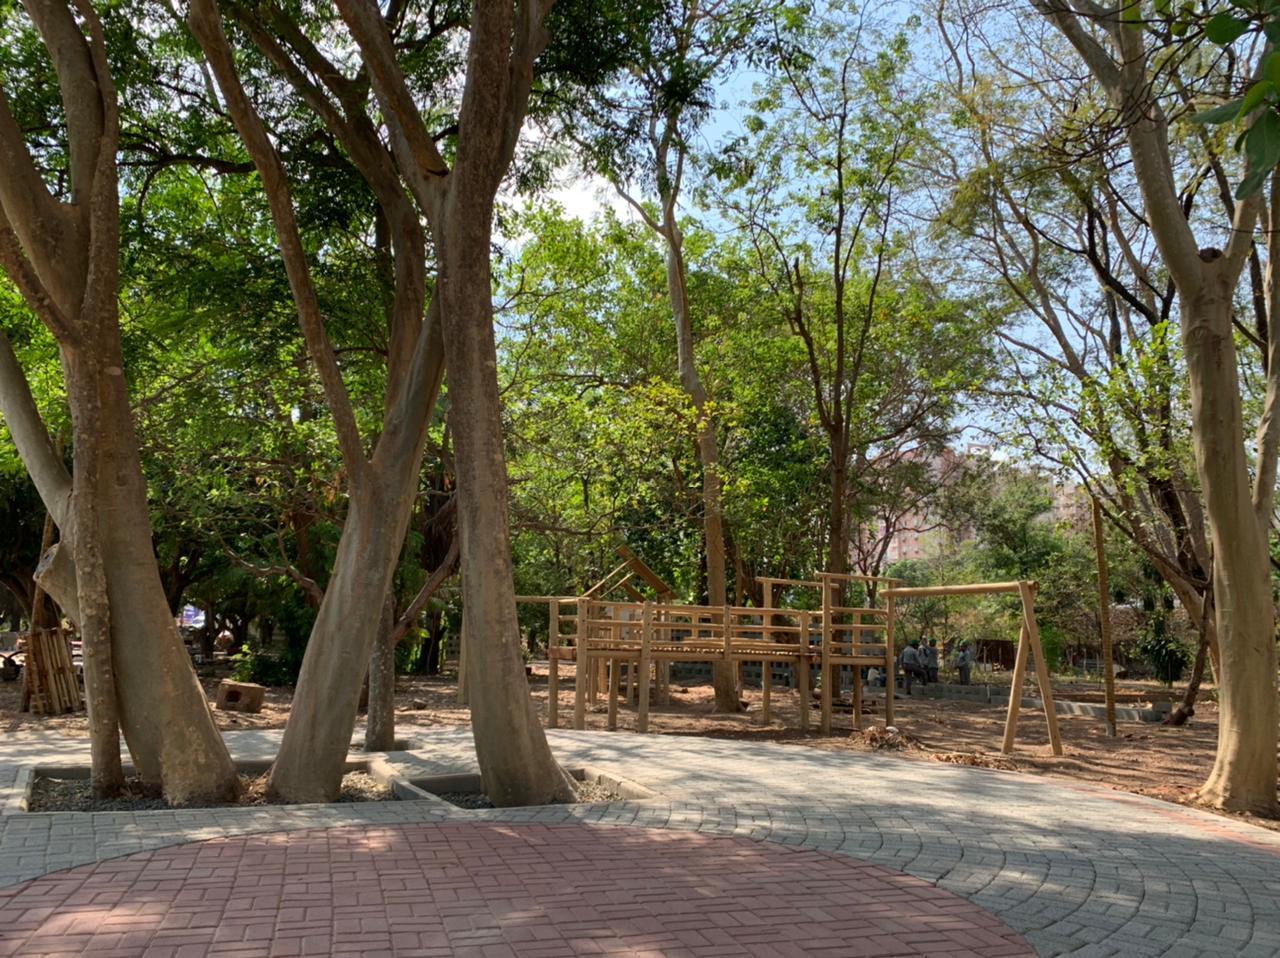 Parque próximo à ponte da Primavera será nova opção de lazer em Teresina   FOTO: Divulgação